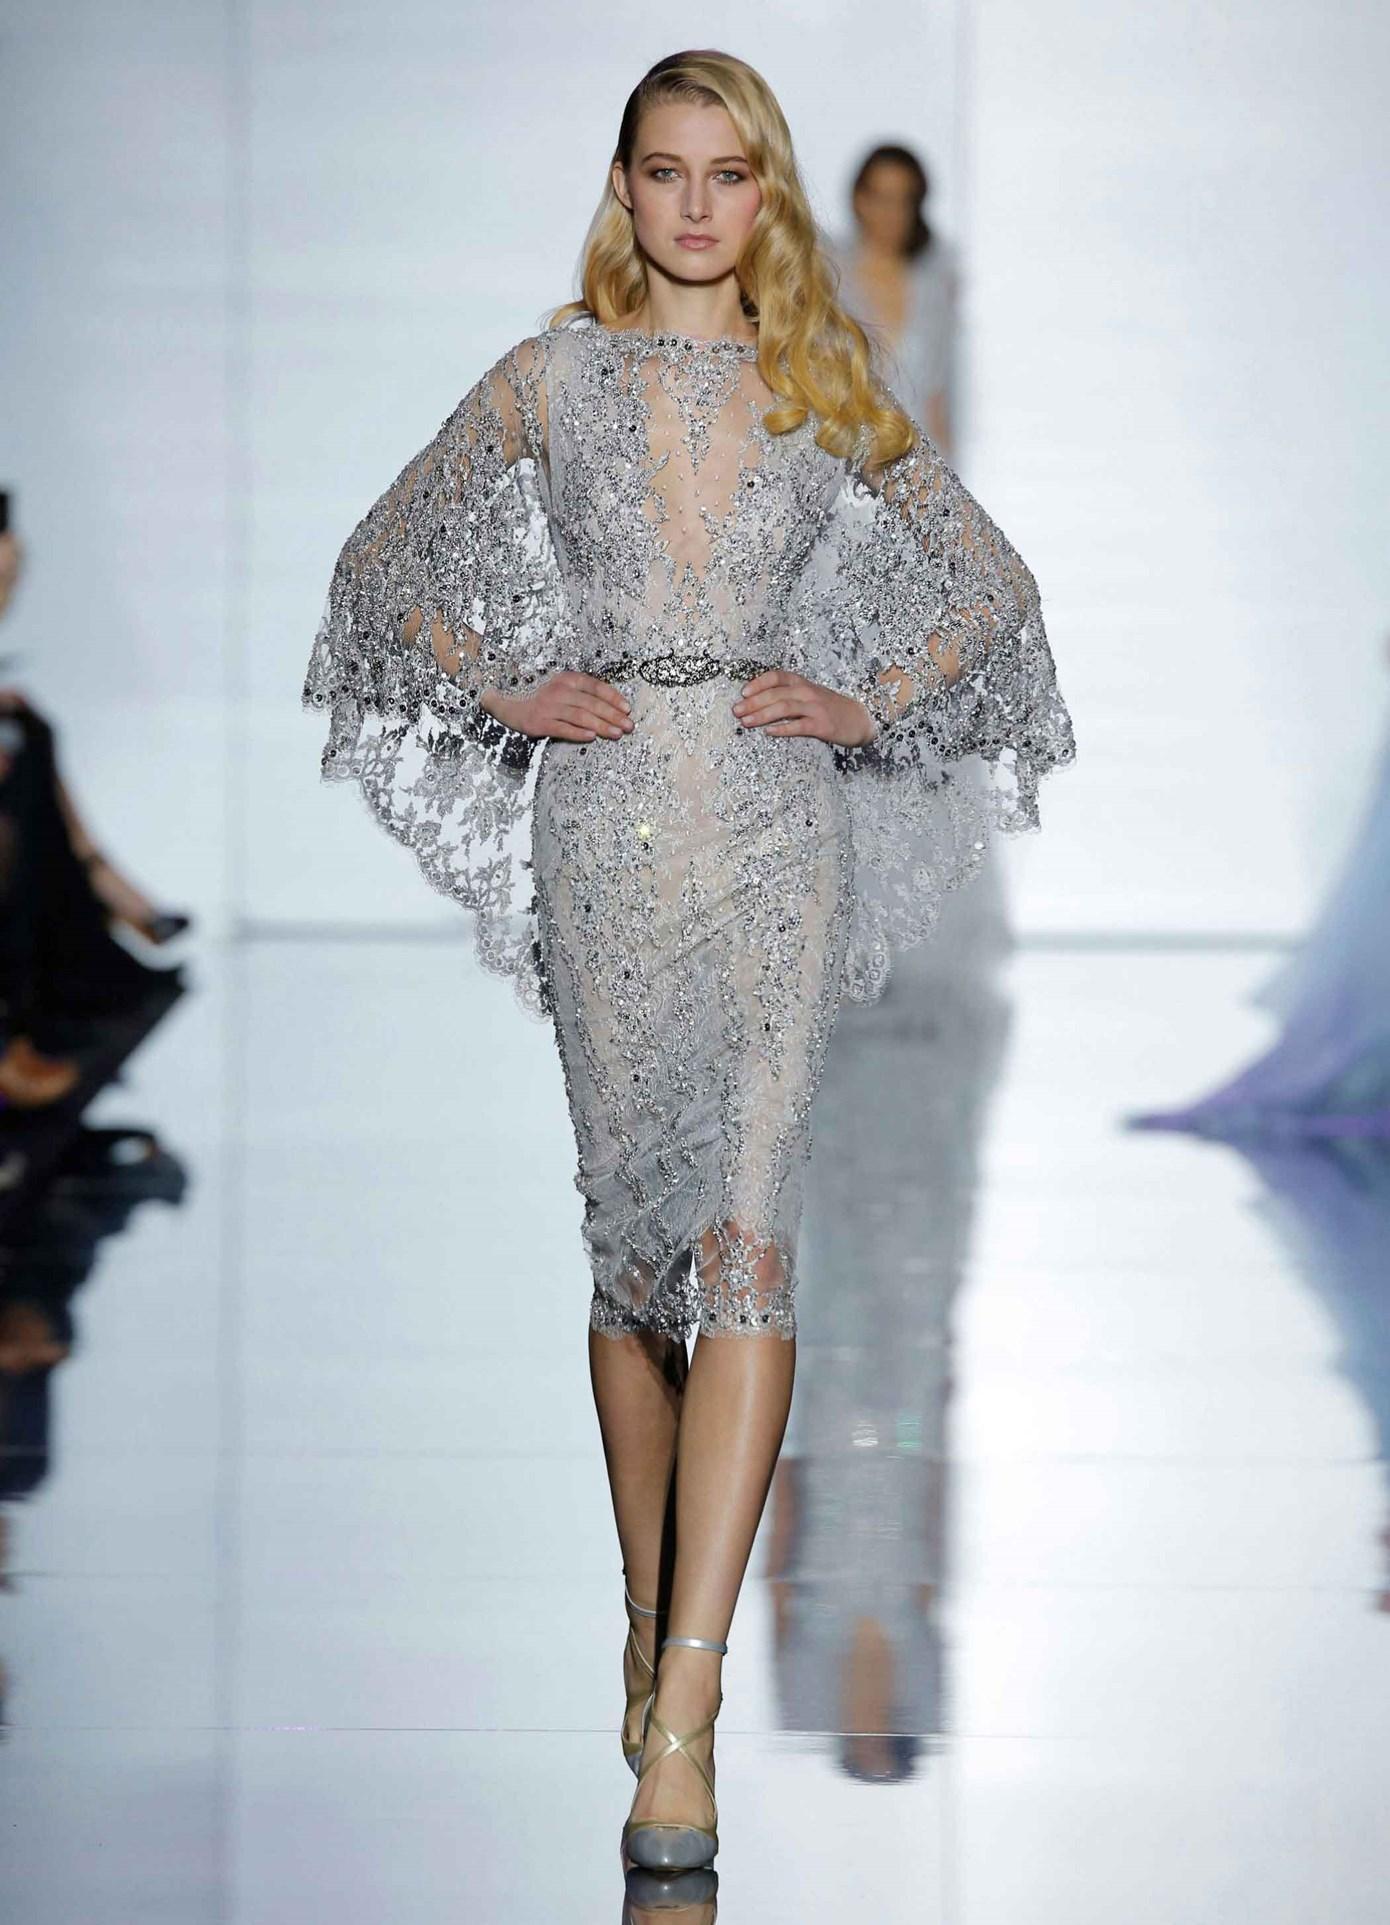 2019 neue Kristall Perlen Silber Abendkleider Luxus Illusion Spitze Poet Sleeves Formal Gown Cocktailkleider 001